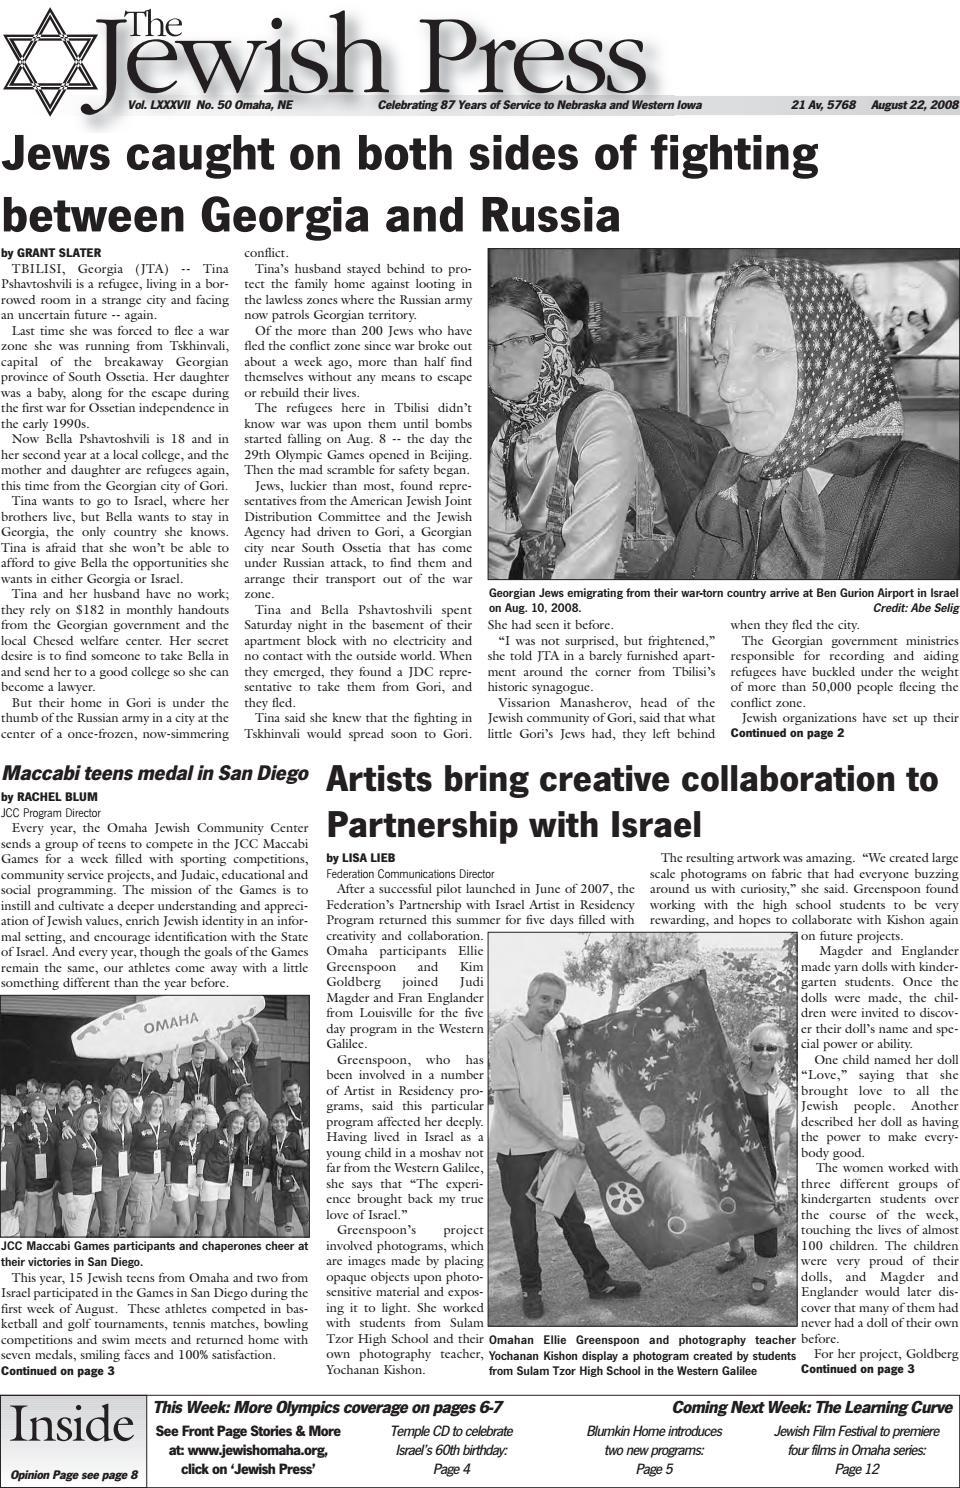 August 22, 2008Jewish Press - Issuu